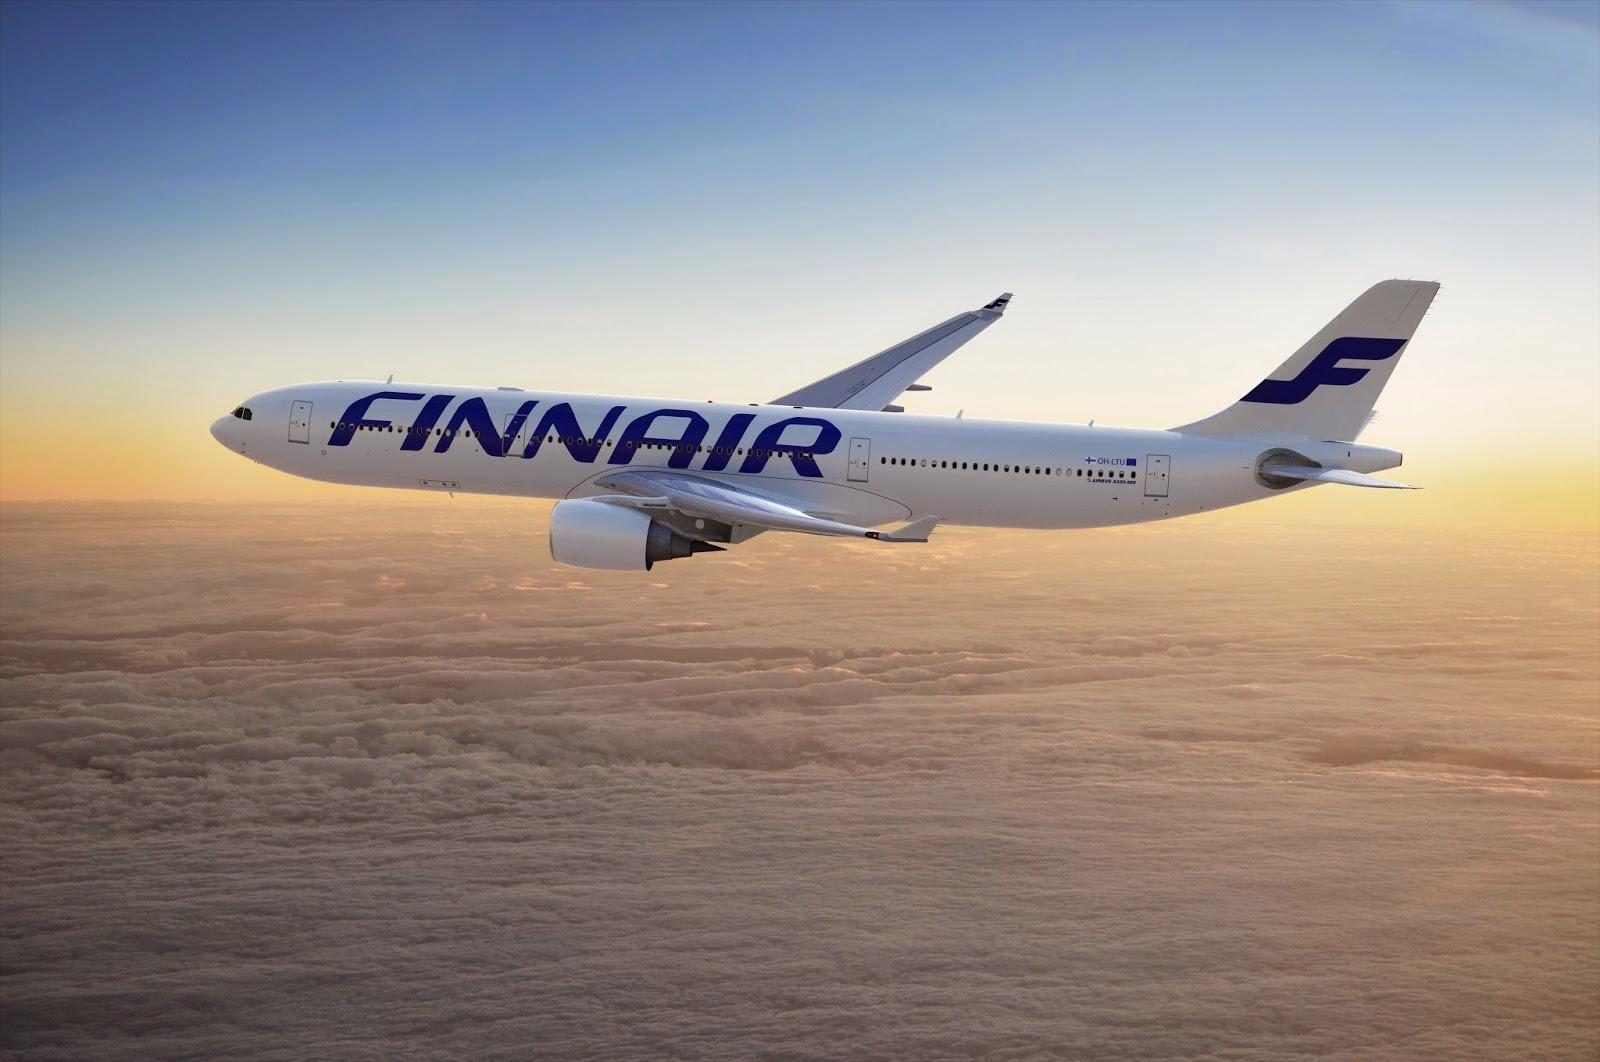 Achetez aux enchères votre place en Business avec Finnair